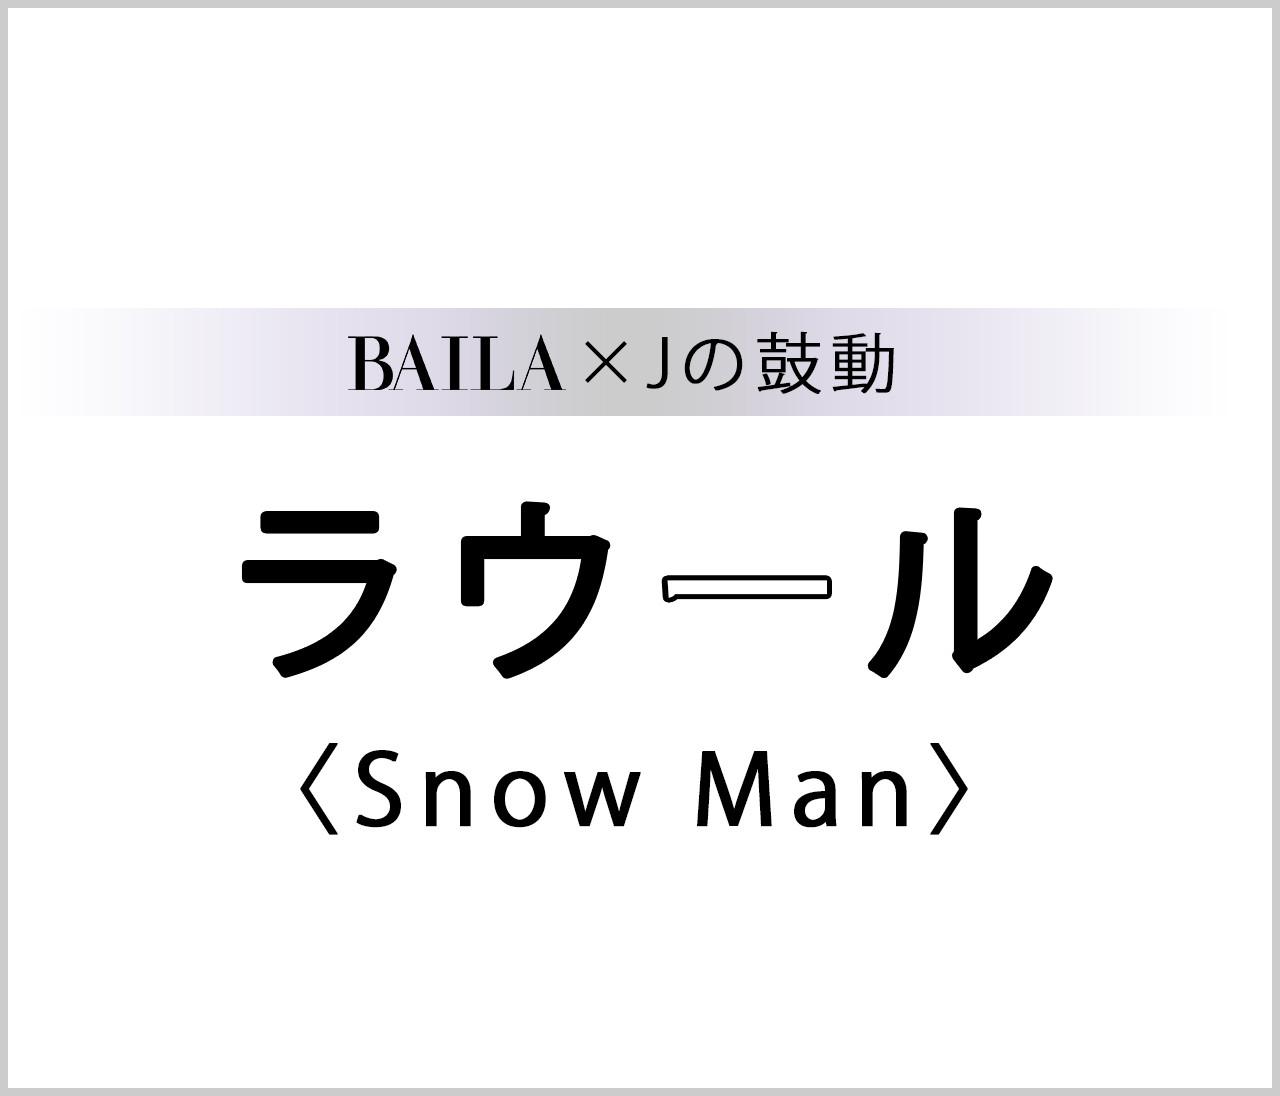 【 #SnowMan #ラウール 】ラウールスペシャルインタビュー!【BAILA × Jの鼓動】